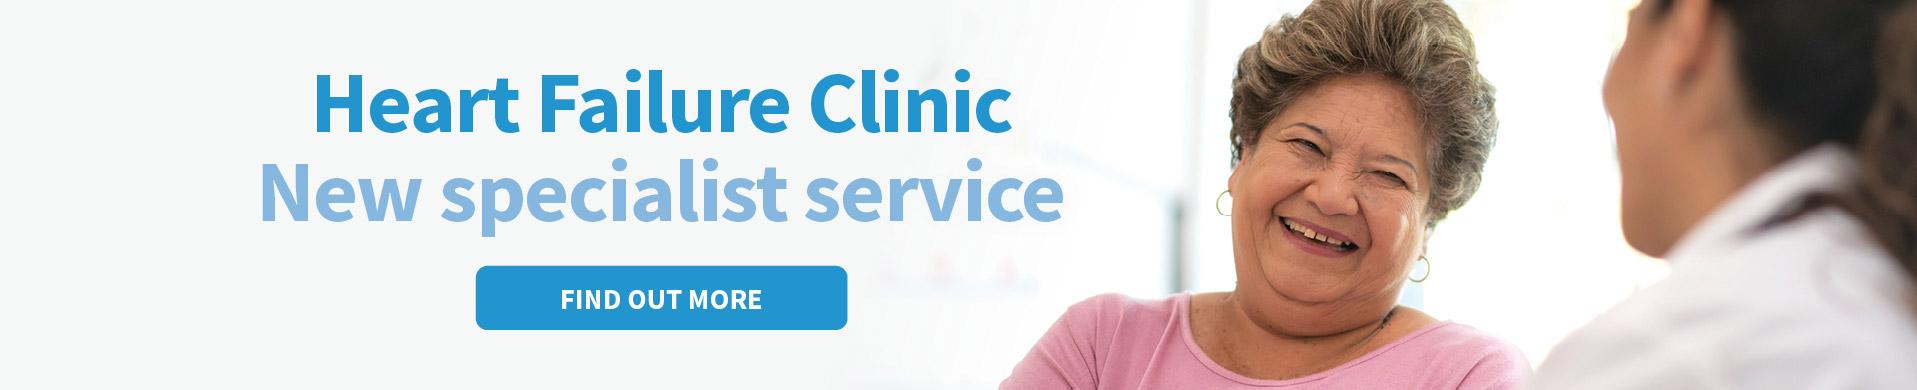 Heart Failure Clinic Perth